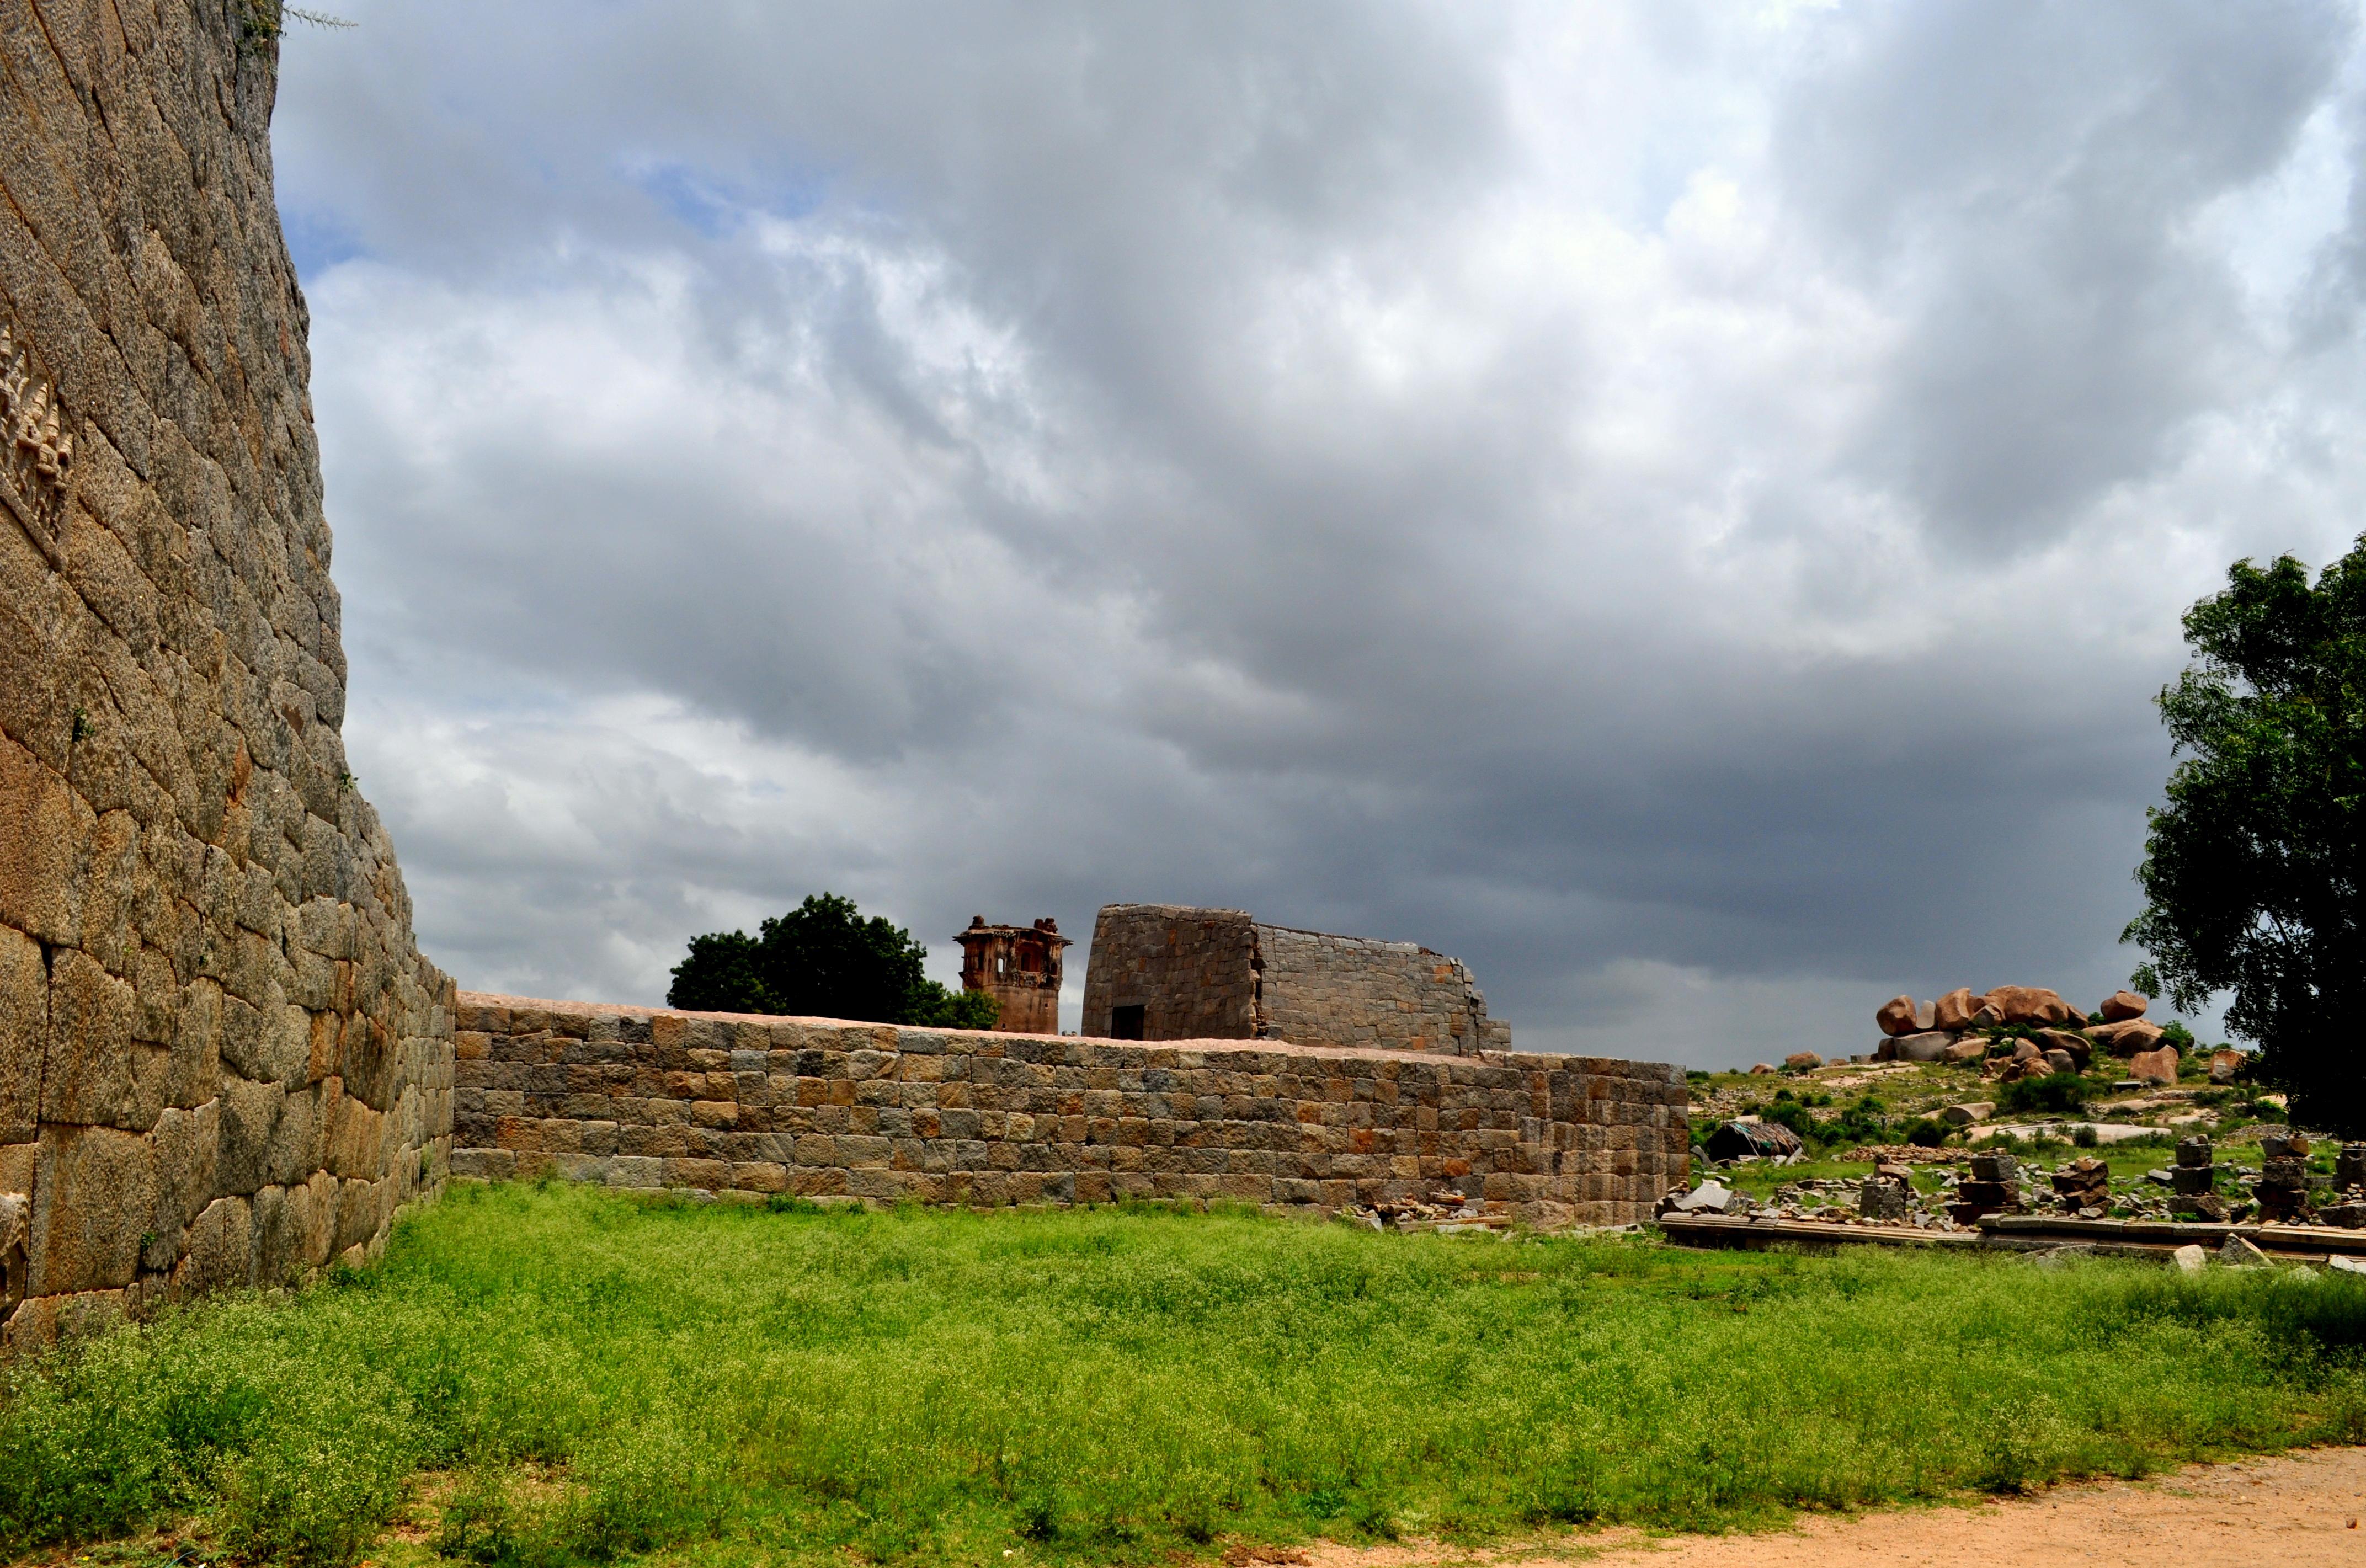 Zanana Enclosure